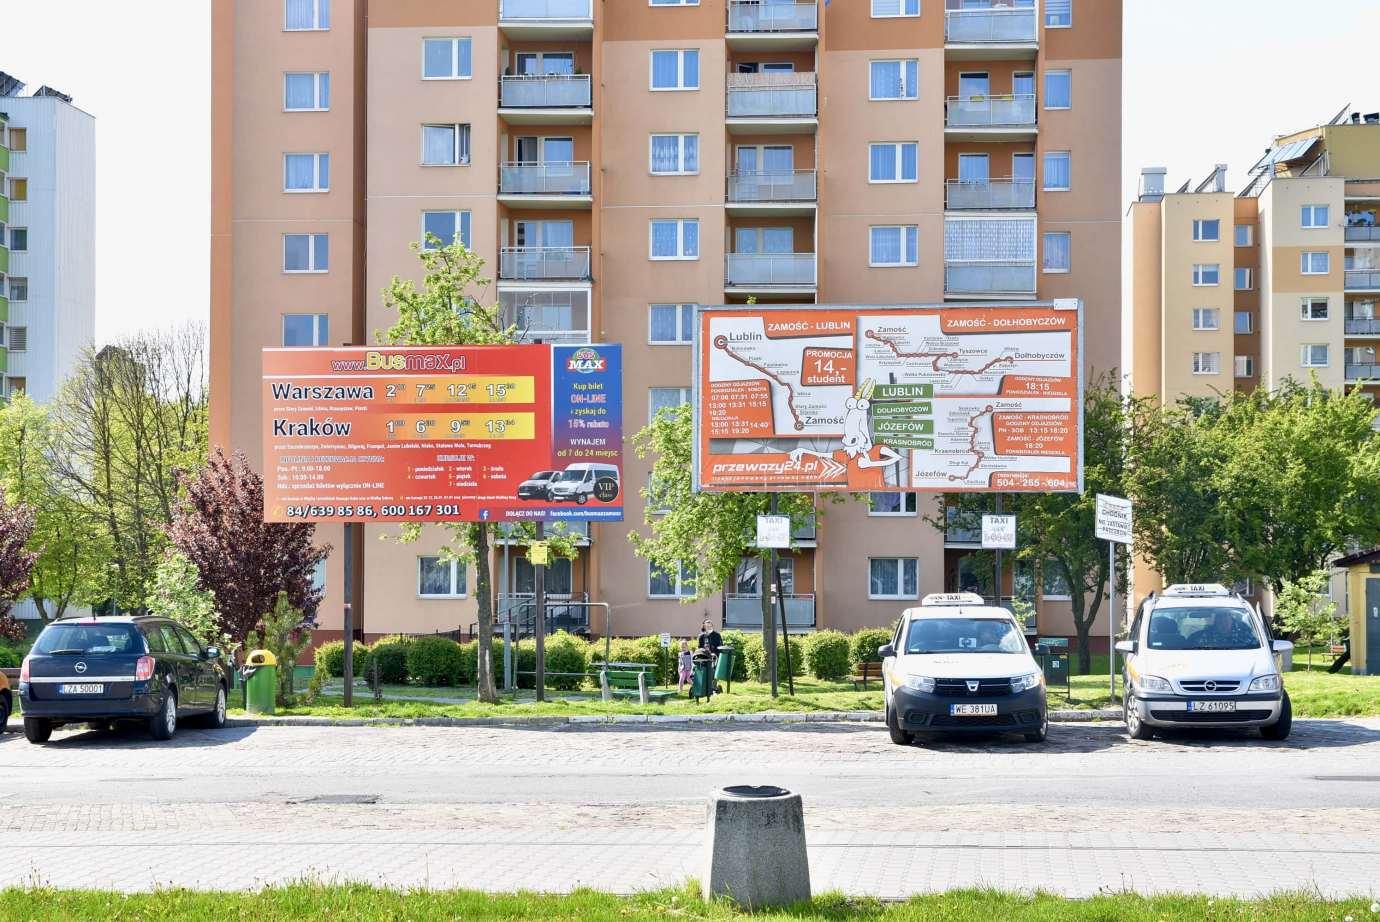 dsc 6874 1 Od dzisiaj pojedziesz busem do Rzeszowa lub Lublina. Publikujemy nowy rozkład jazdy